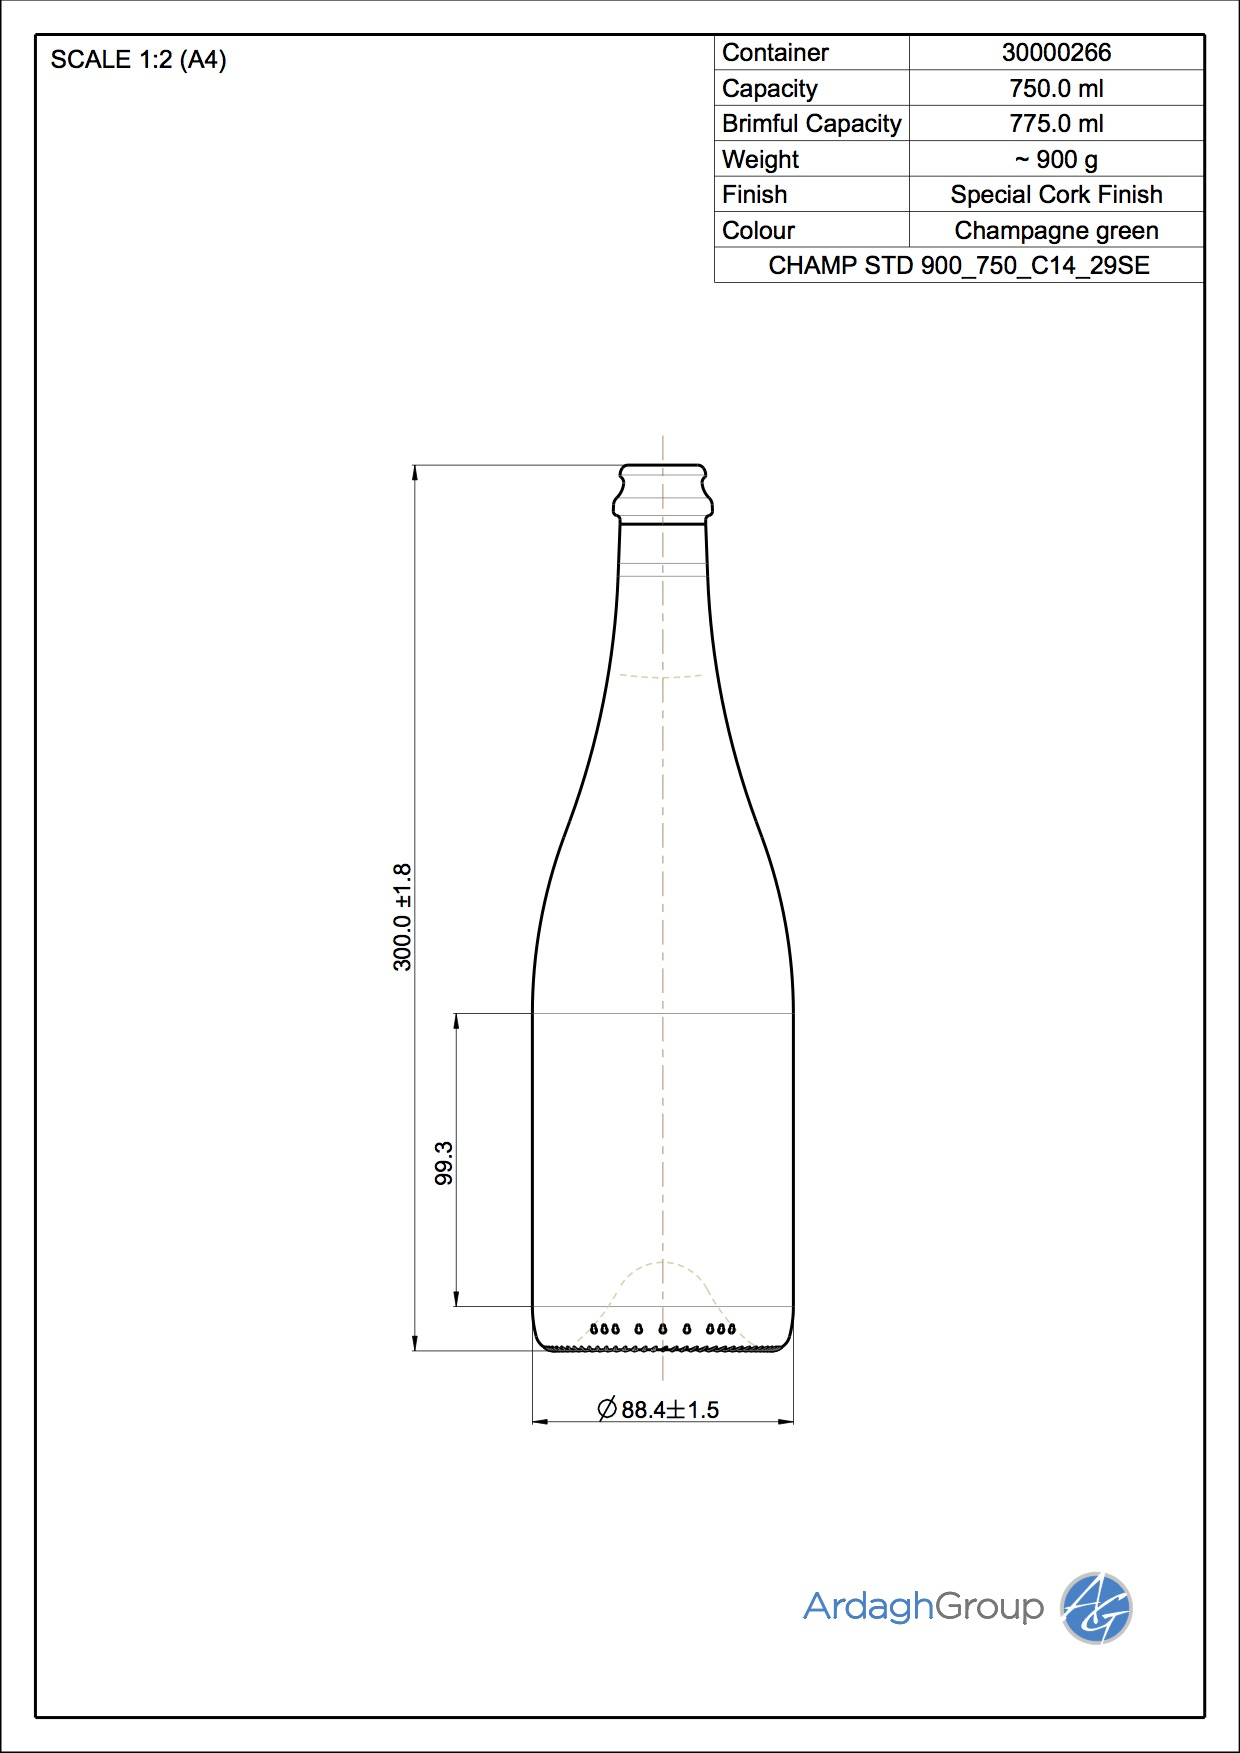 CHAMP STD 900 750 C14 34SE